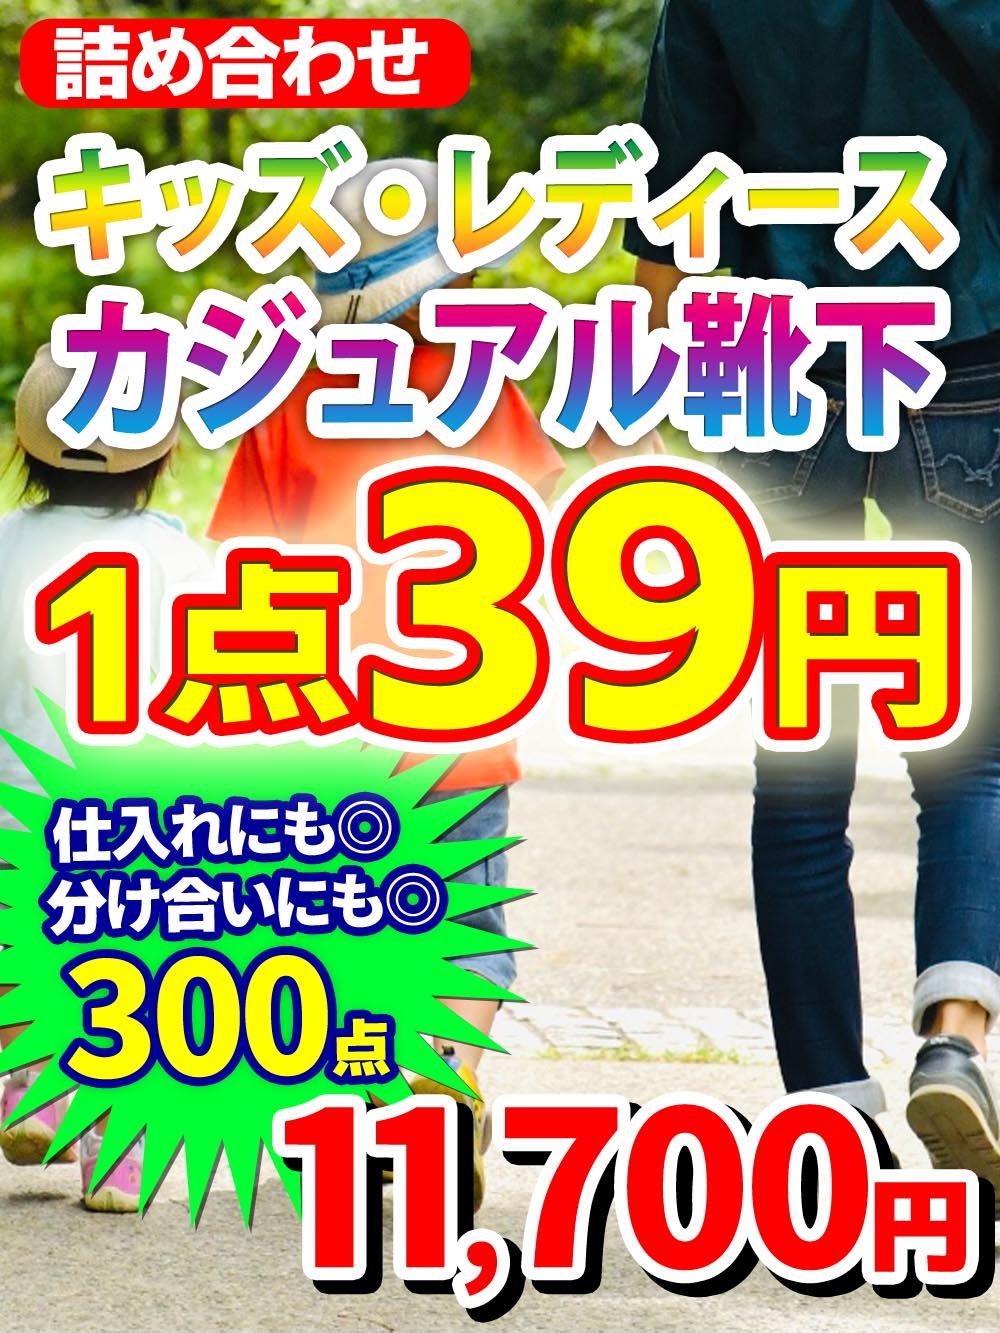 【詰め合わせ】キッズ・レディースカジュアル靴下詰め合わせ@39【300点】